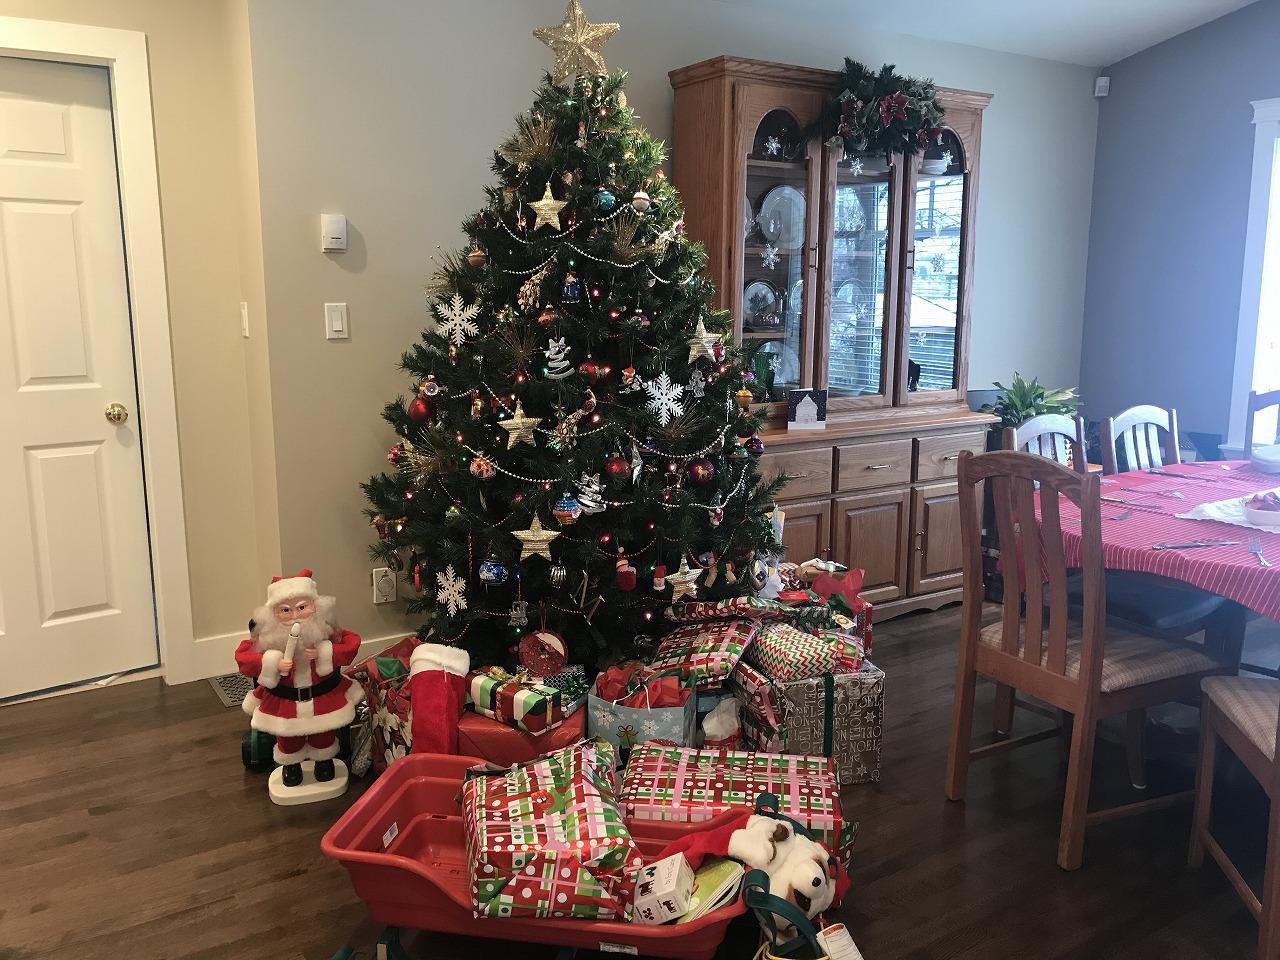 クリスマスツリーの下にたくさんのプレゼント!中身は、おもちゃはもちろん、洋服やコスメが入っていたそうです。